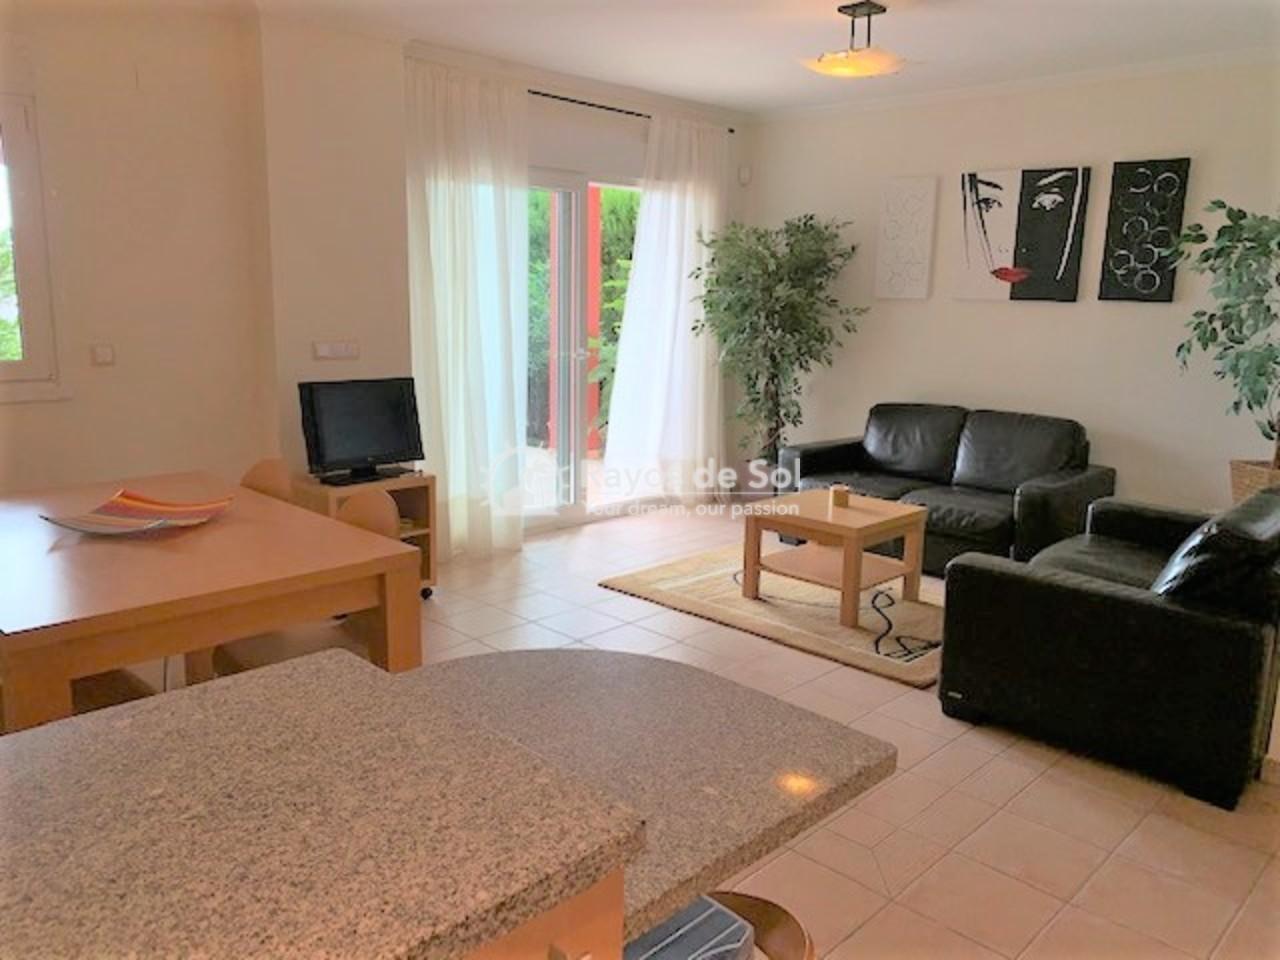 Apartment  in Altaona Golf,  (527949sv) - 9